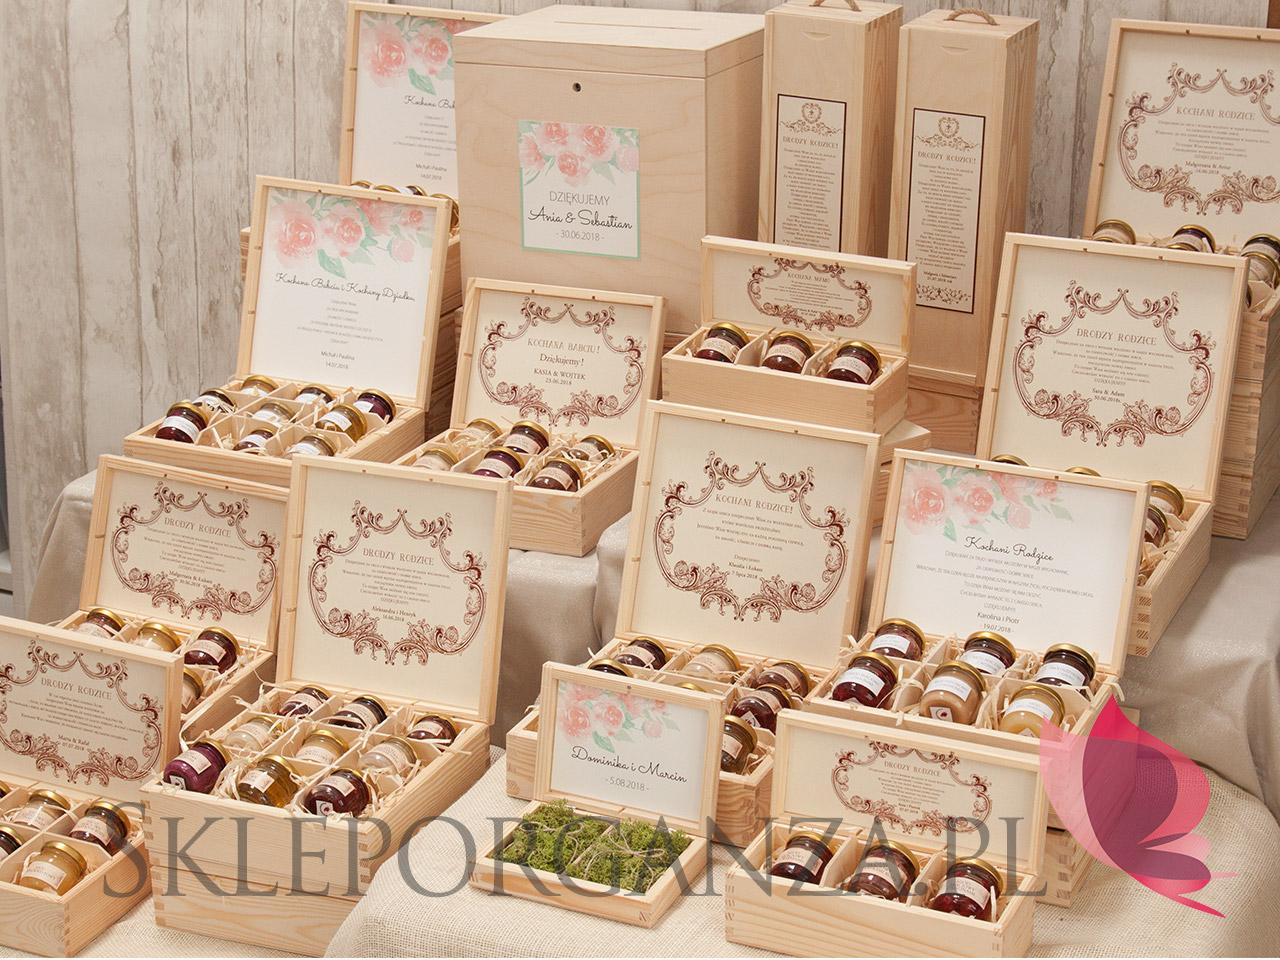 Pudełka na obrączki, skrzynki na koperty, Poduszki pod obrączki, pudełko na obrączki sklep, pudełko na obrączki sklep internetowy, rustykalne ozdoby , rustykalne dodatki na wesele, rustykalne dodatki na ślub, sklep ślubny, rustykalne dekoracje sklep, drewniane pudełko na obrączki, personalizowane pudełko na obrączki, talerzyki i pudełka na obrączki, rustykalne dekoracje sklep internetowy, wesele w rustykalnym stylu, rustykalne wesele, styl rustykalny, ślub w stylu rustykalnym, rustykalne dekoracje stołu, sklep ślubny dekoracje, dekoracje weselne, akcesoria ślubne, akcesoria weselne, akcesoria rustykalne na wesele, Ślub i wesele w stylu rustykalnym, sala weselna w stylu rustykalnym, Naturalne motywy na ślub, drewniane ozdoby, drewniane motywy na ślub, Naturalne ozdoby weselne, Naturalne ozdoby sali weselnej, shabby chic, Naturalne dekoracje ślubne, Naturalne dodatki ślubne,